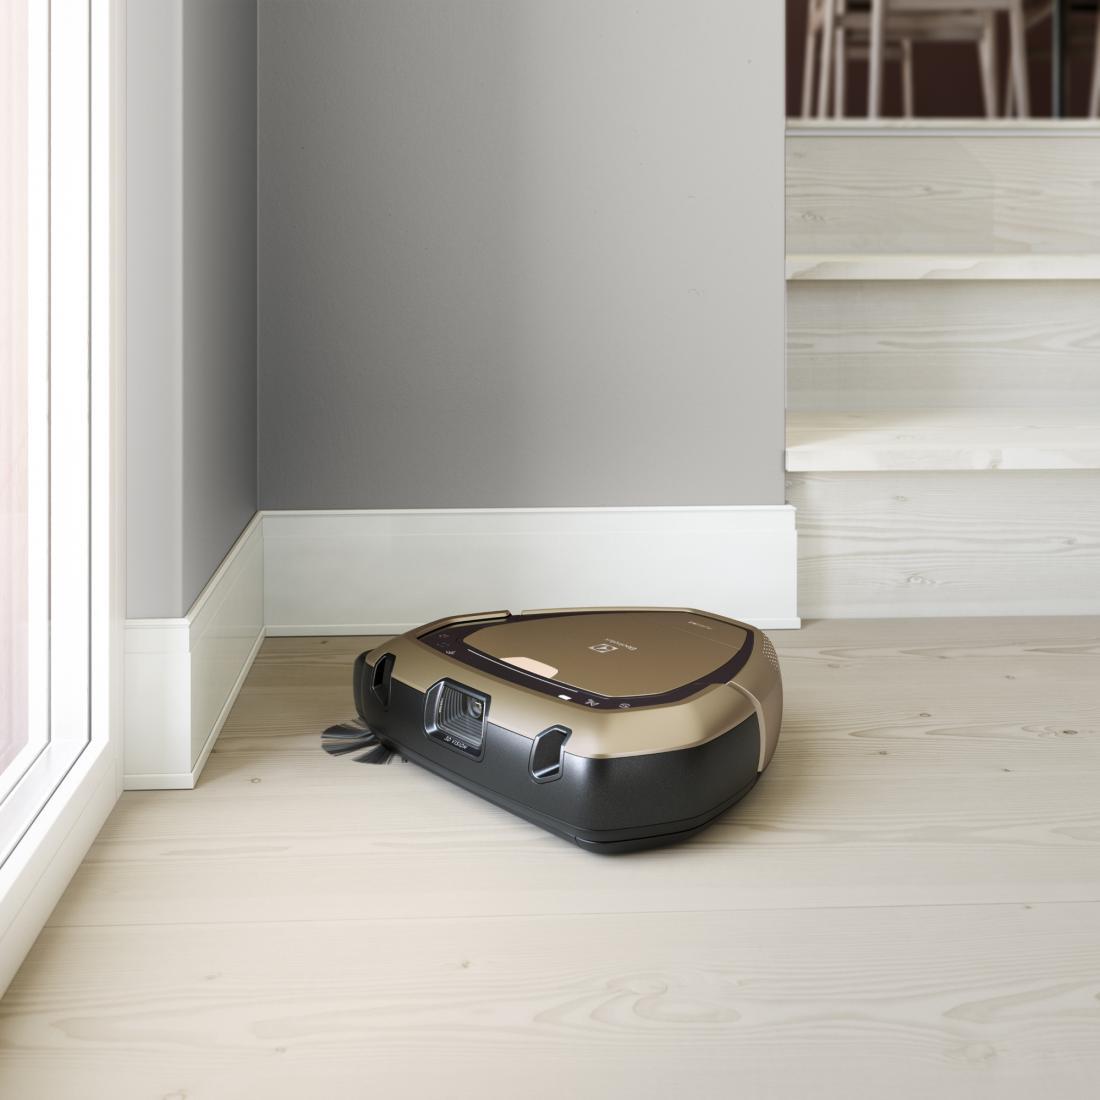 Robotskim sesalnikom lahko določimo urnik sesanja, kar pomeni, da lahko čistijo takrat, ko nas ni doma. Uporabni so za sesanje trdih površin in za gospodinjstva s hišnimi ljubljenčki. FOTO: arhiv podjetja Electrolux